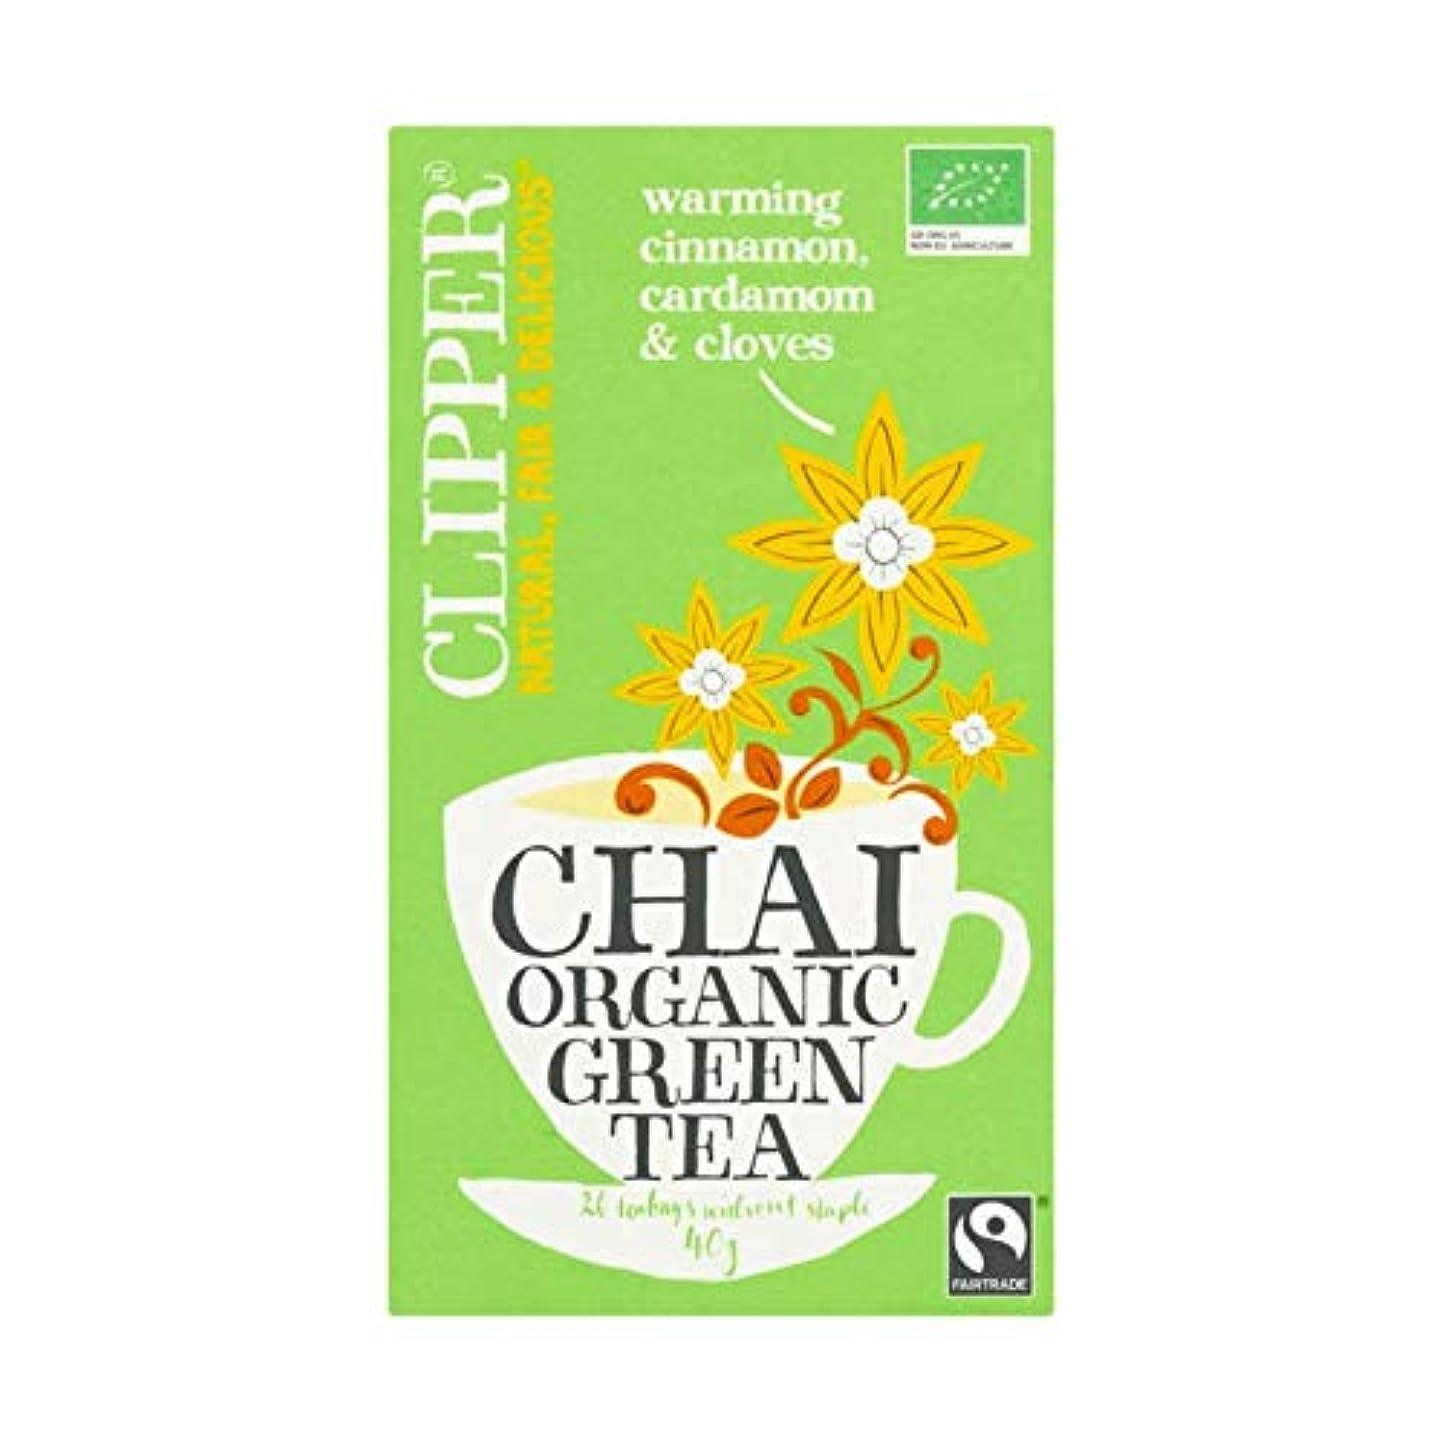 神経衰弱香りやりすぎ緑茶   Clipper   チャイオーガニックグリーンティー20バッグ   総重量 40 グラム